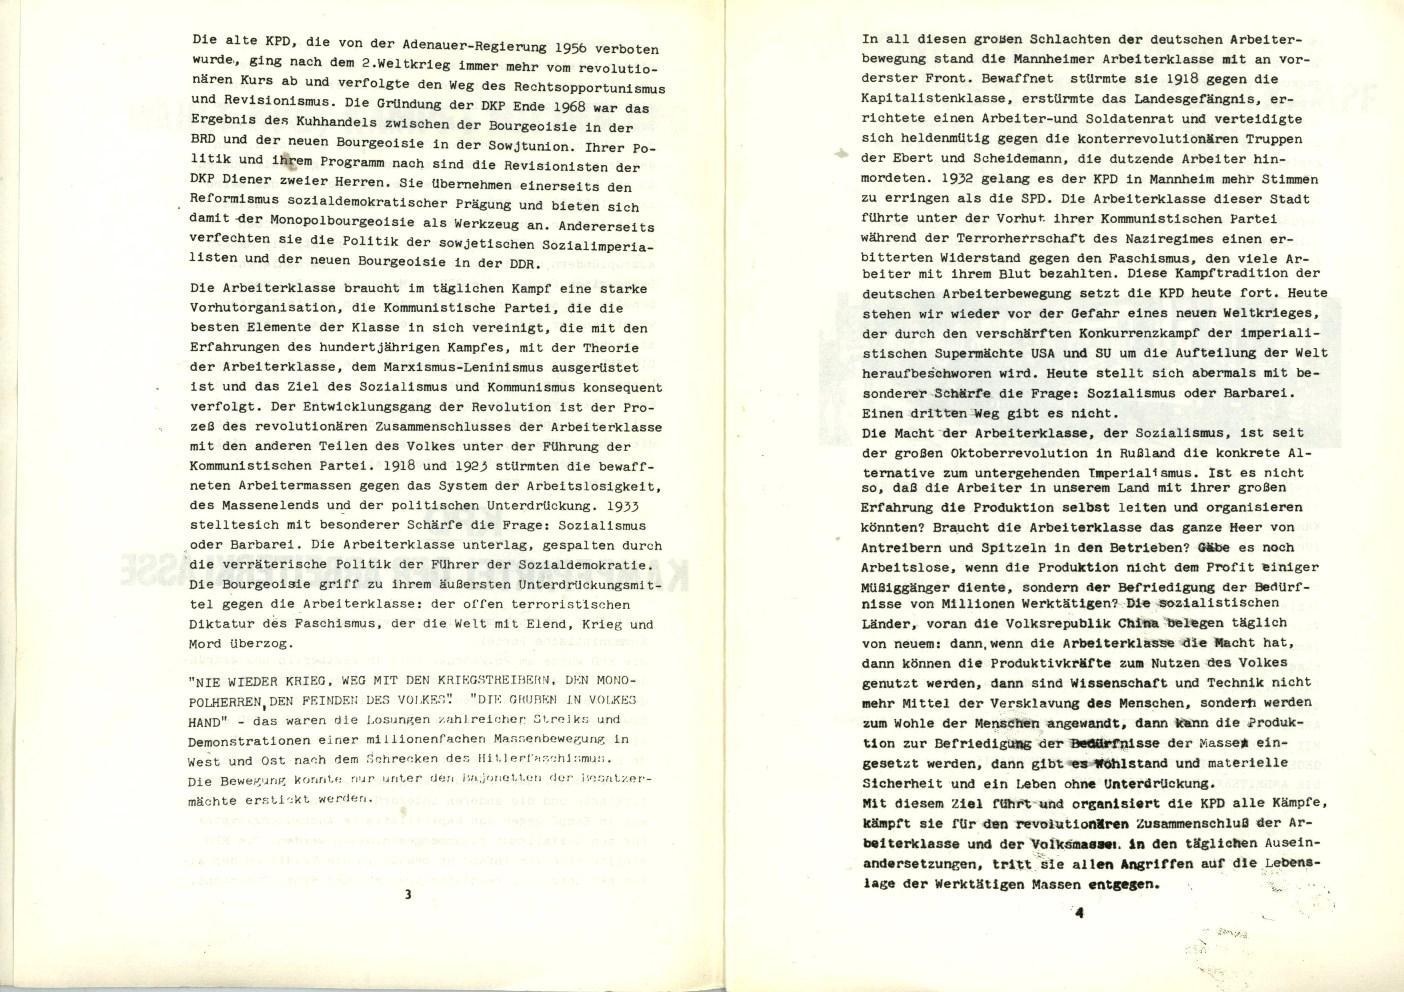 Mannheim_KPDAO_Kommunalwahlen_1975_03